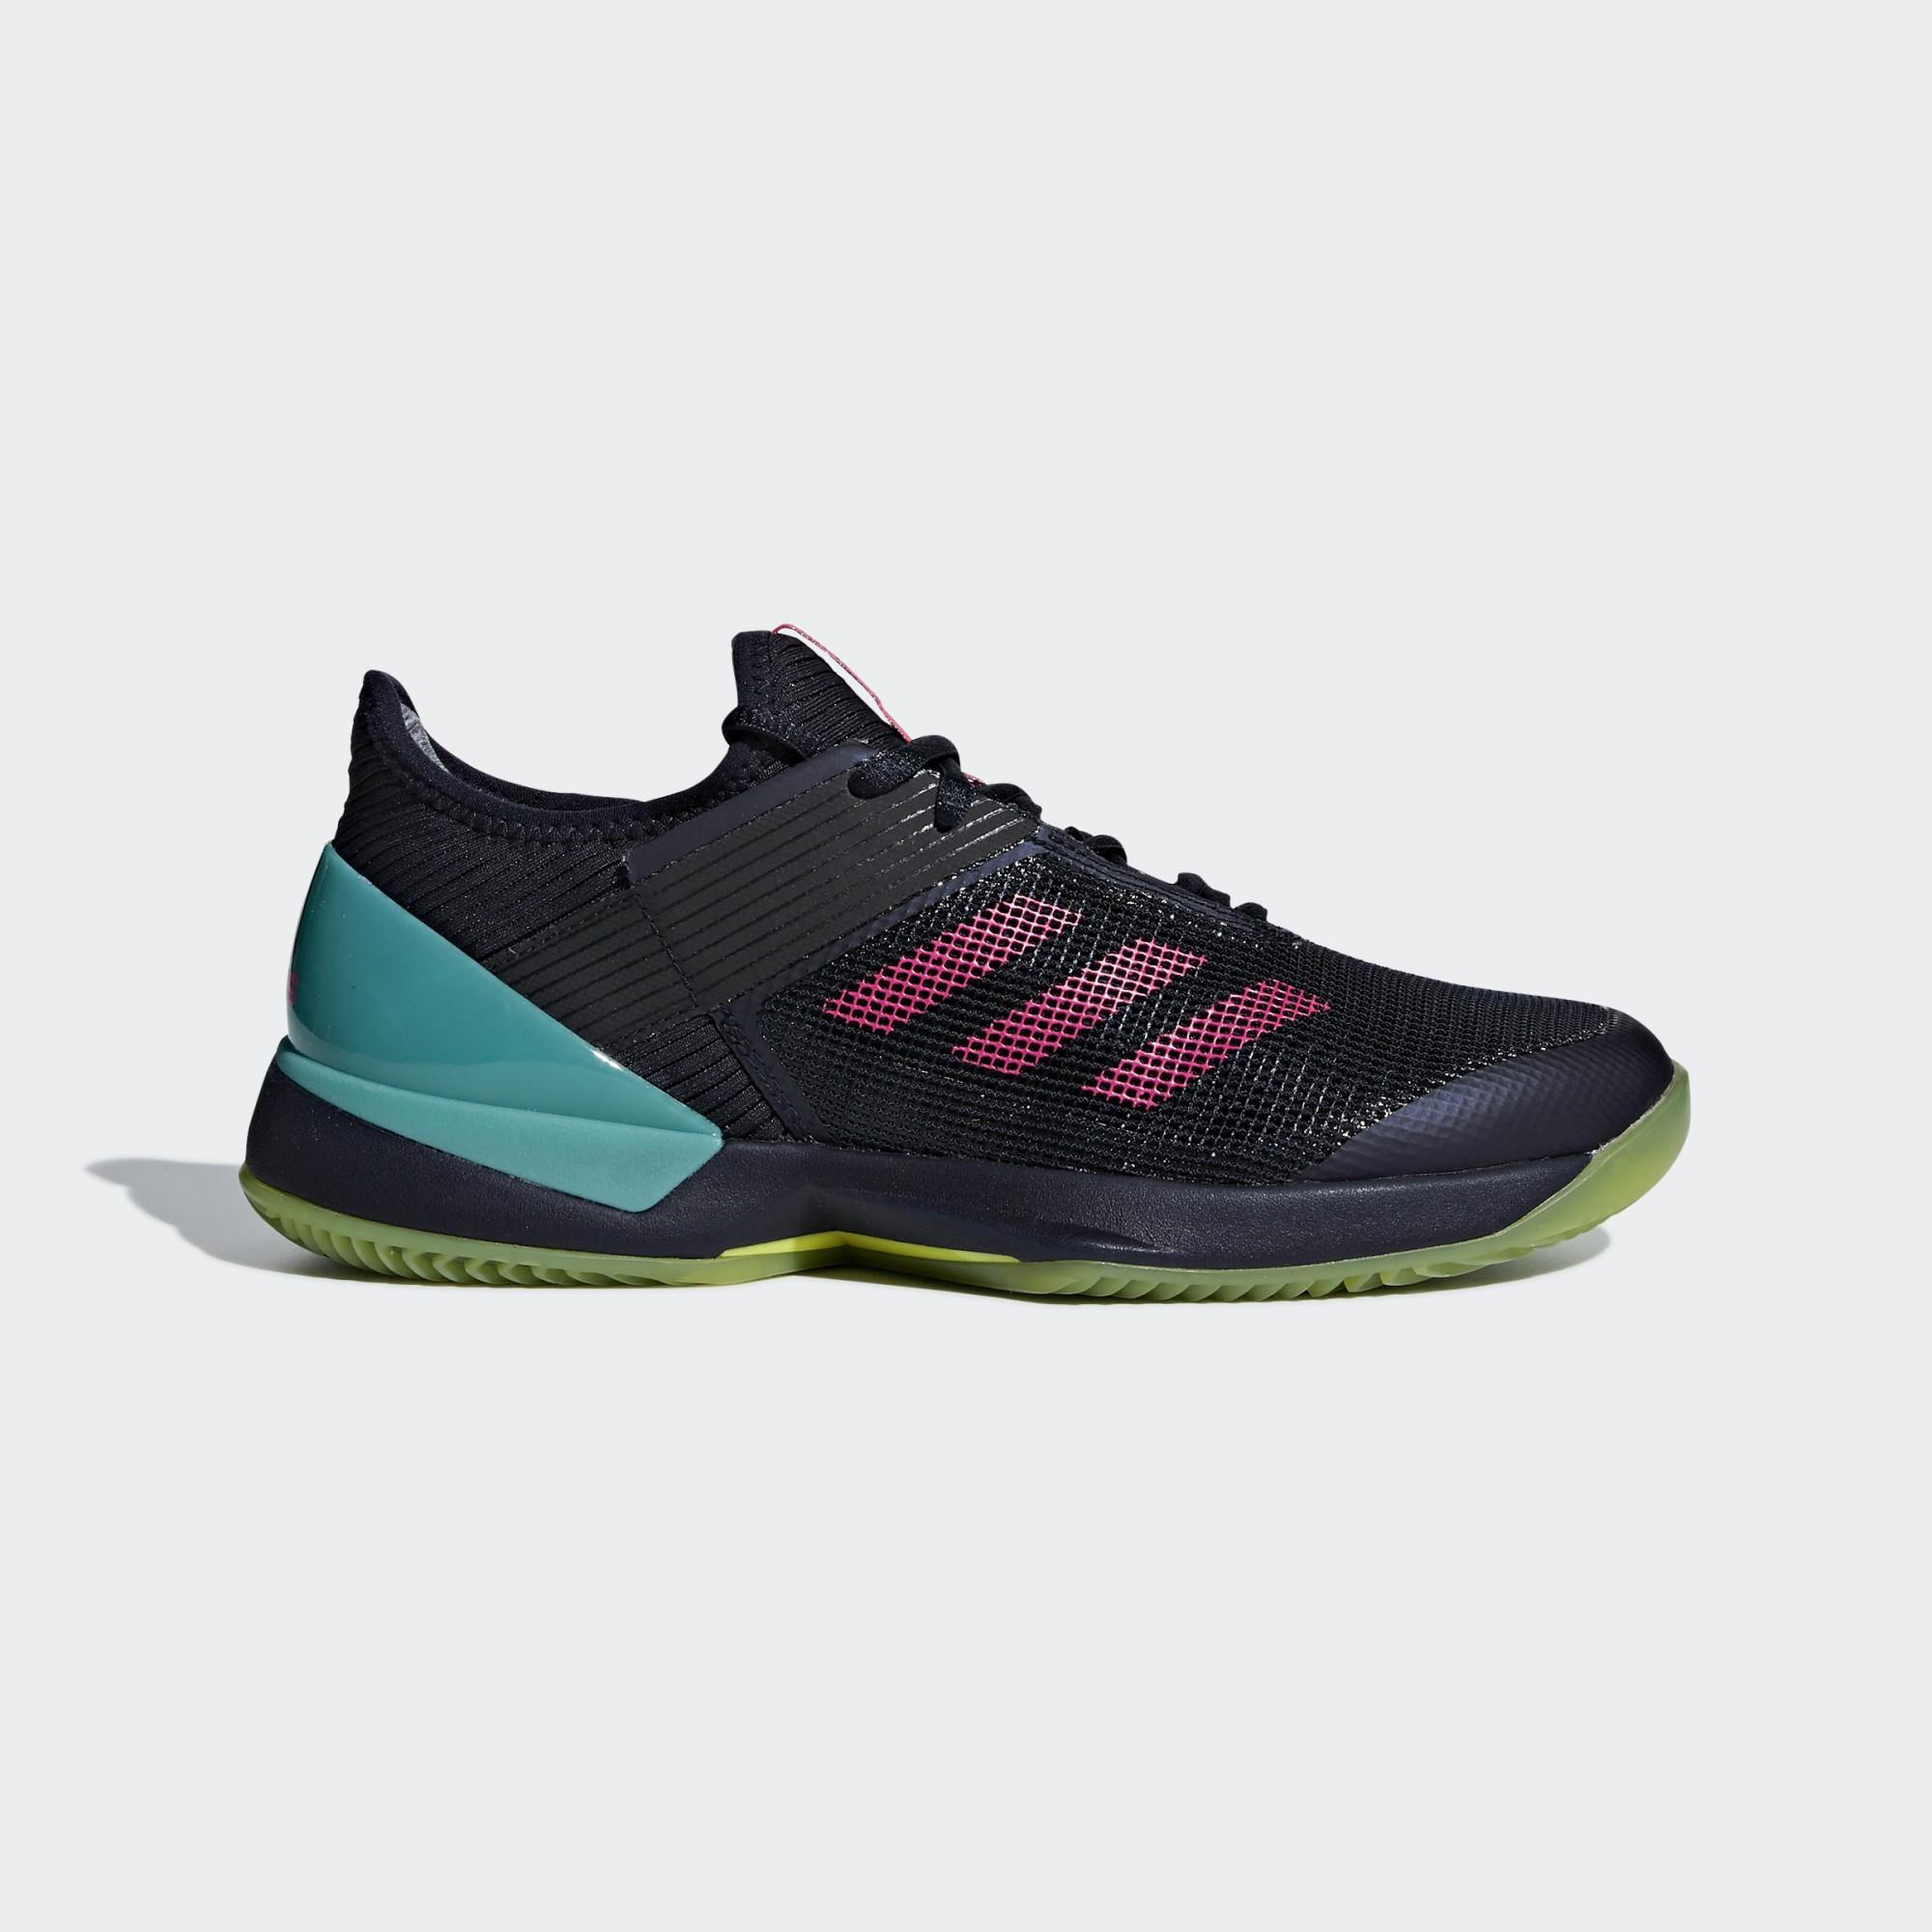 on sale c87b1 3bfbc Adidas Ubersonic 3 Terre Battue Femme - Chaussures De Tennis Femmes  Chaussure De Tennis Femme